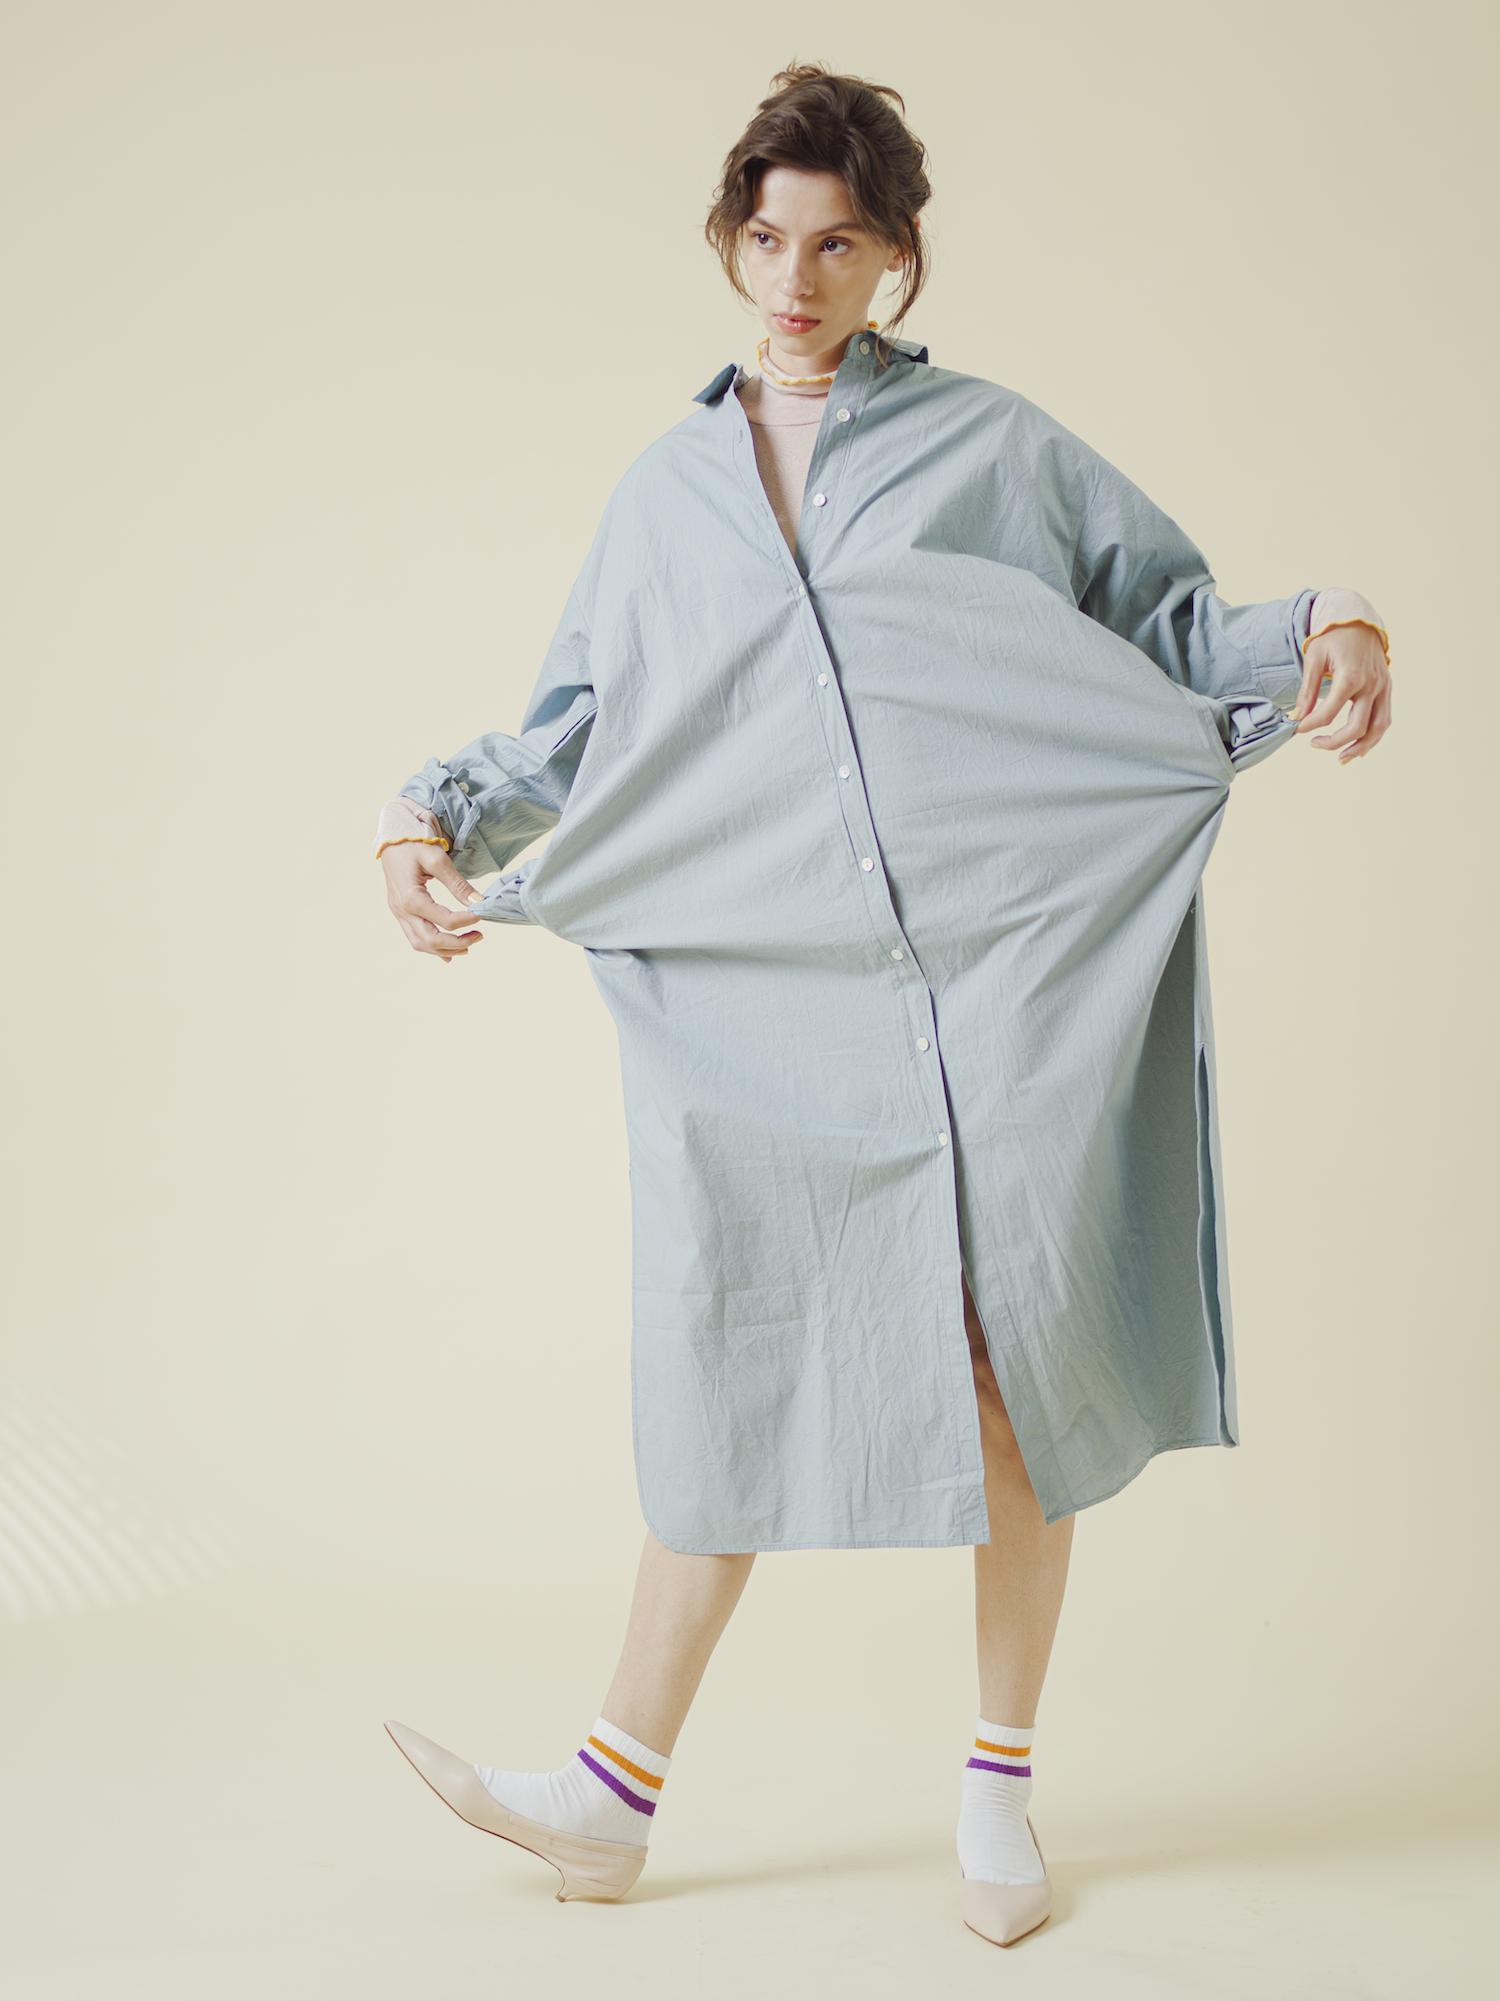 8_2 dress¥18,000  tops¥37,000  socks¥1,500  shoes¥33,000